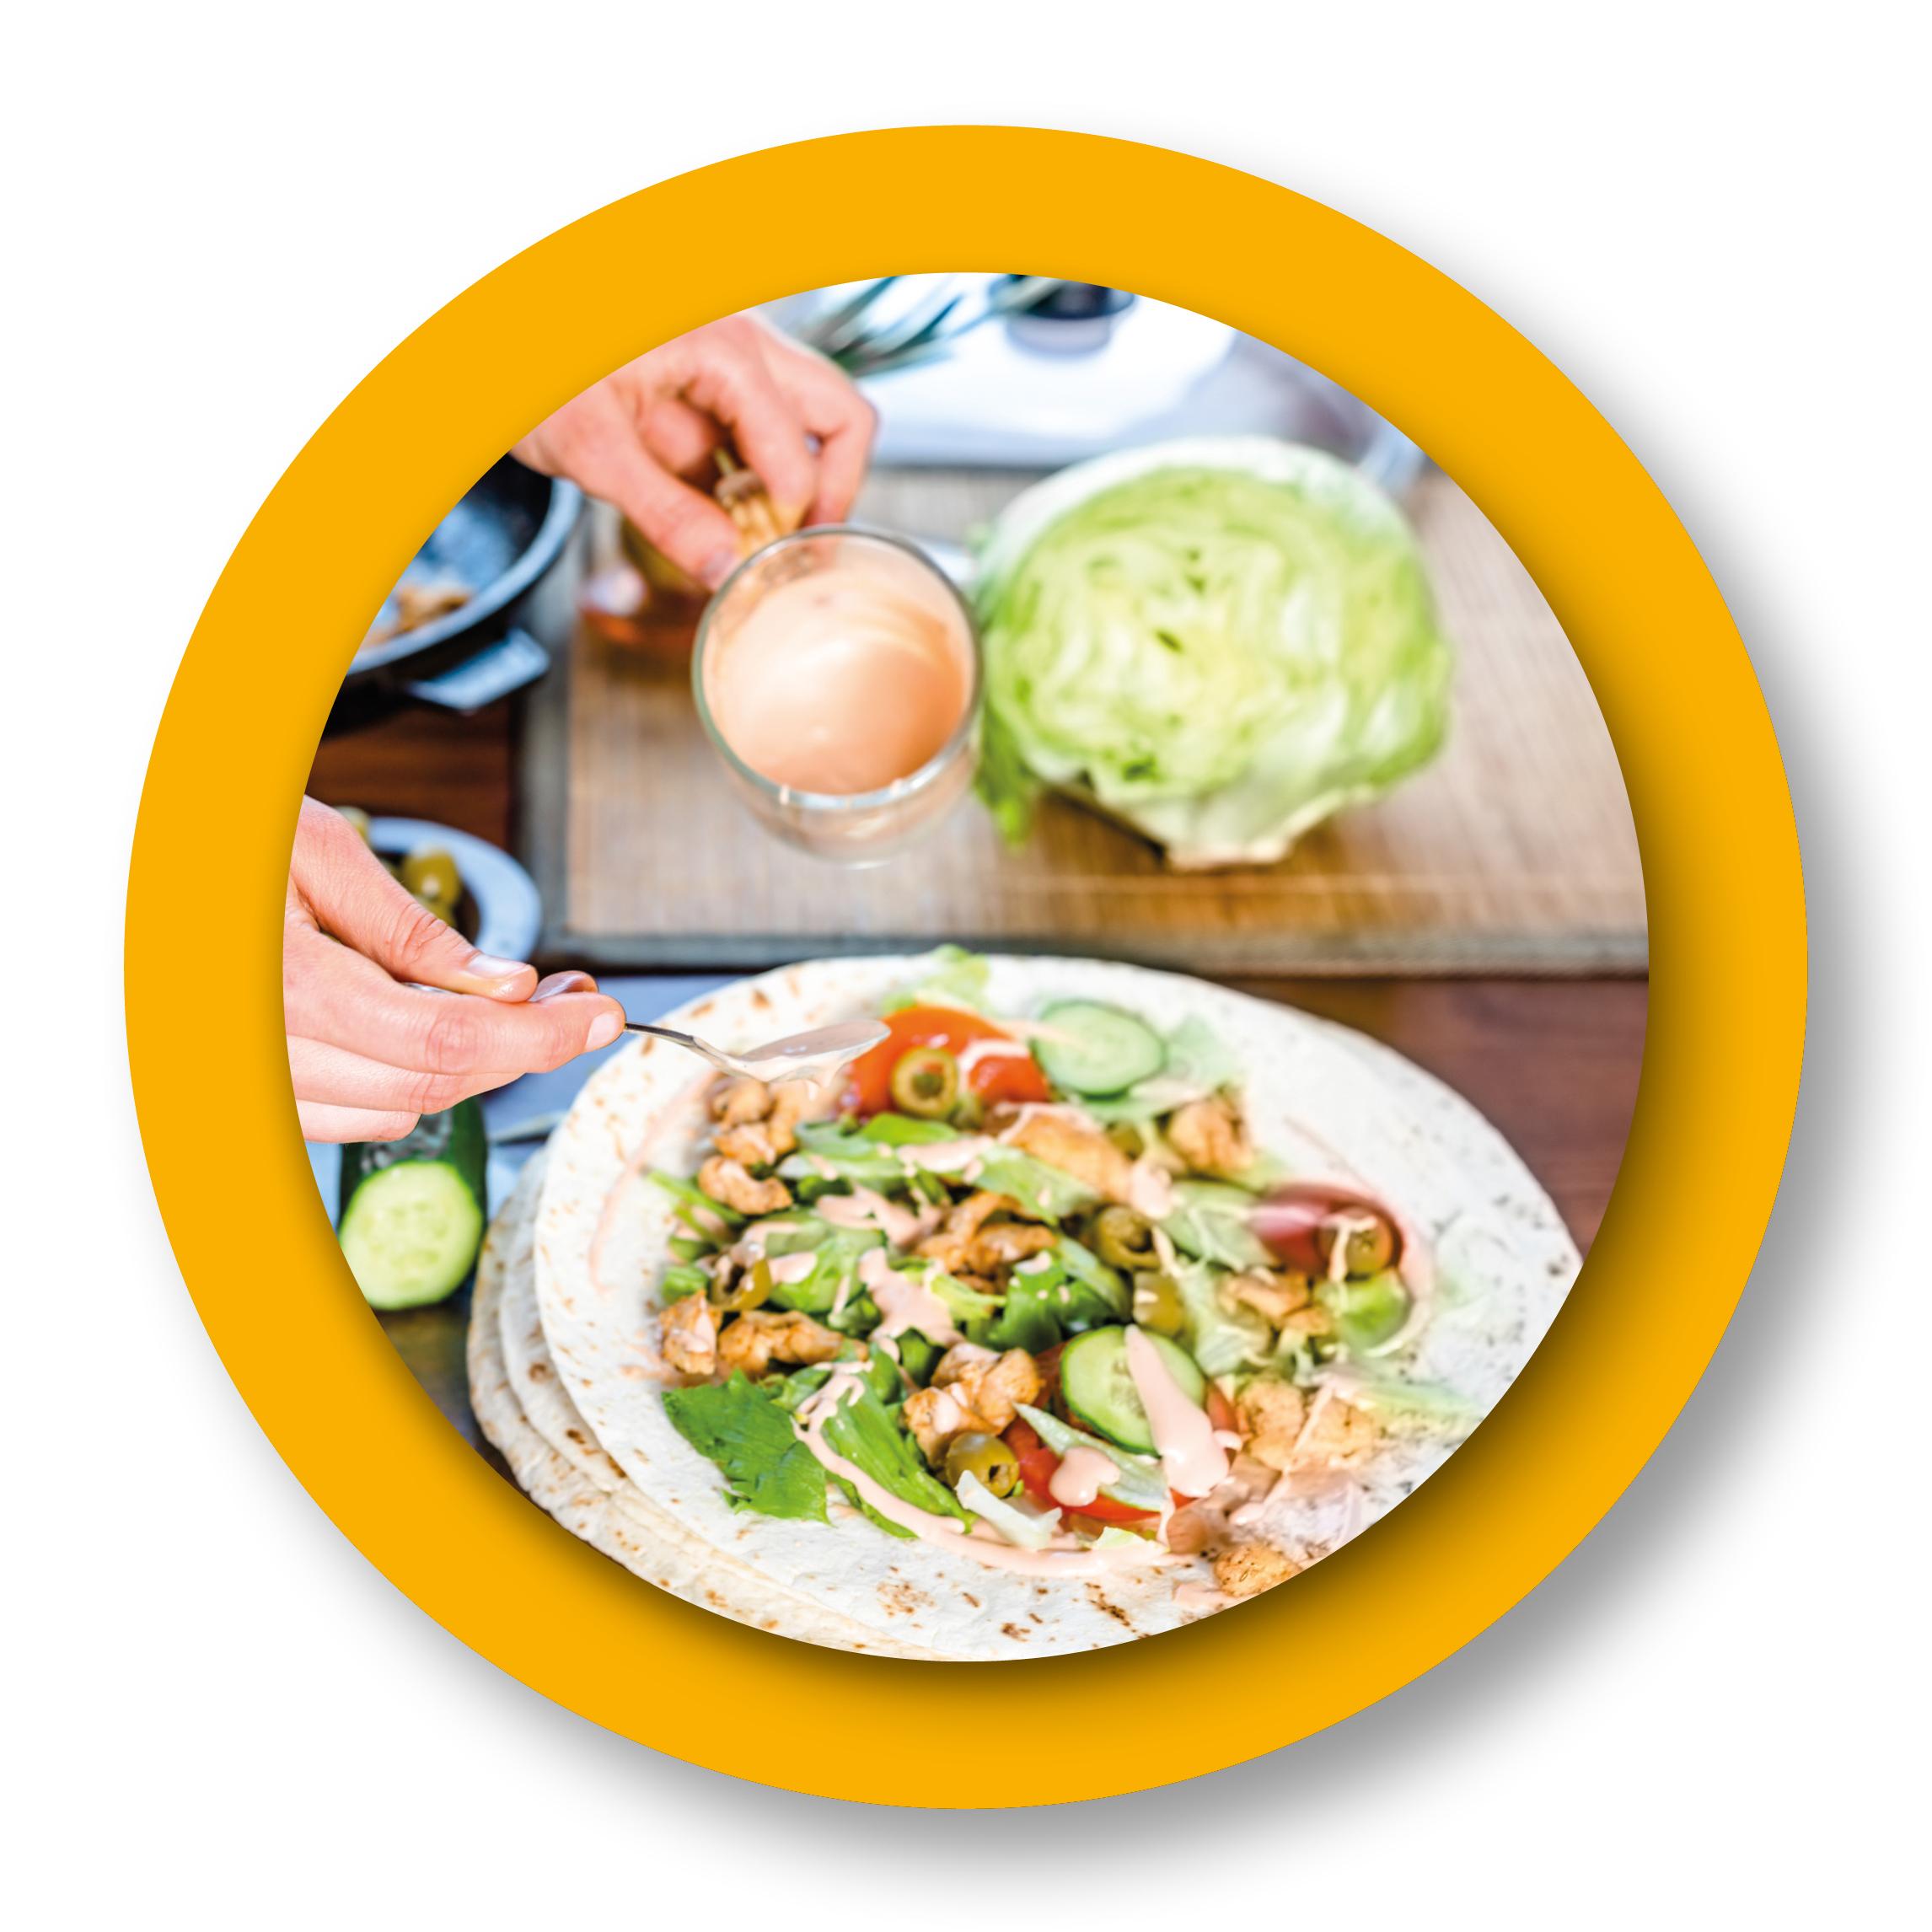 préparation d'une salade sur burritos